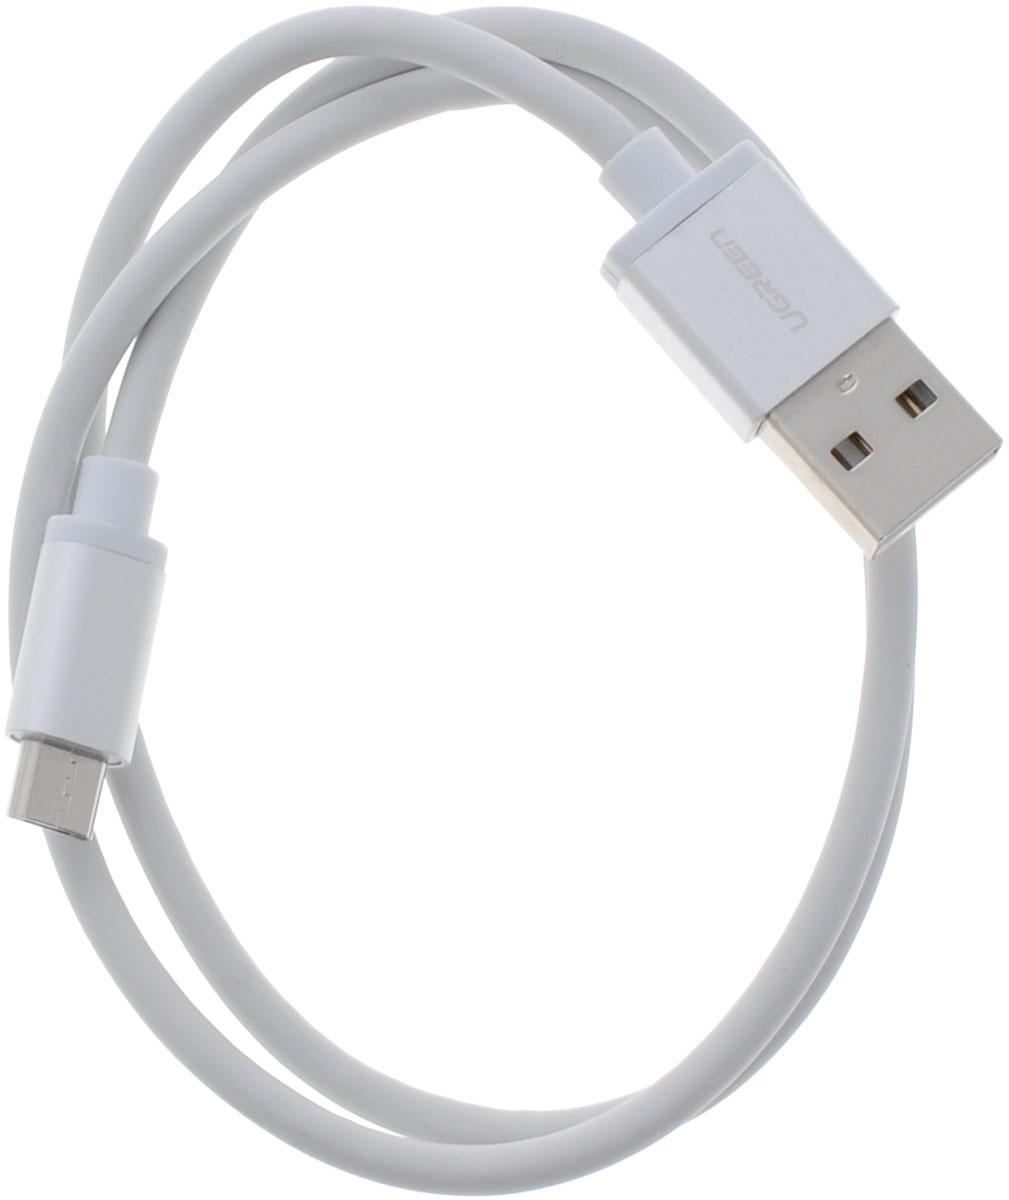 Ugreen UG-10828, White Silver кабель microUSB-USB 0.5 мUG-10828Кабель Ugreen UG-10828 позволяет подключать мобильные устройства, которые имеют разъем microUSB к USB разъему компьютера. Подходит для повседневных задач, таких как синхронизация данных и передача файлов. Экранирование кабеля позволит защитить сигнал при передаче от влияния внешних полей, способных создать помехи.Пропускная способность интерфейса: USB 2.0 до 480 Мбит/сДиаметр проводника питания: 5V: 24 AWGДиаметр проводника передачи данных: 28 AWGТип оболочки: PVC (ПВХ)